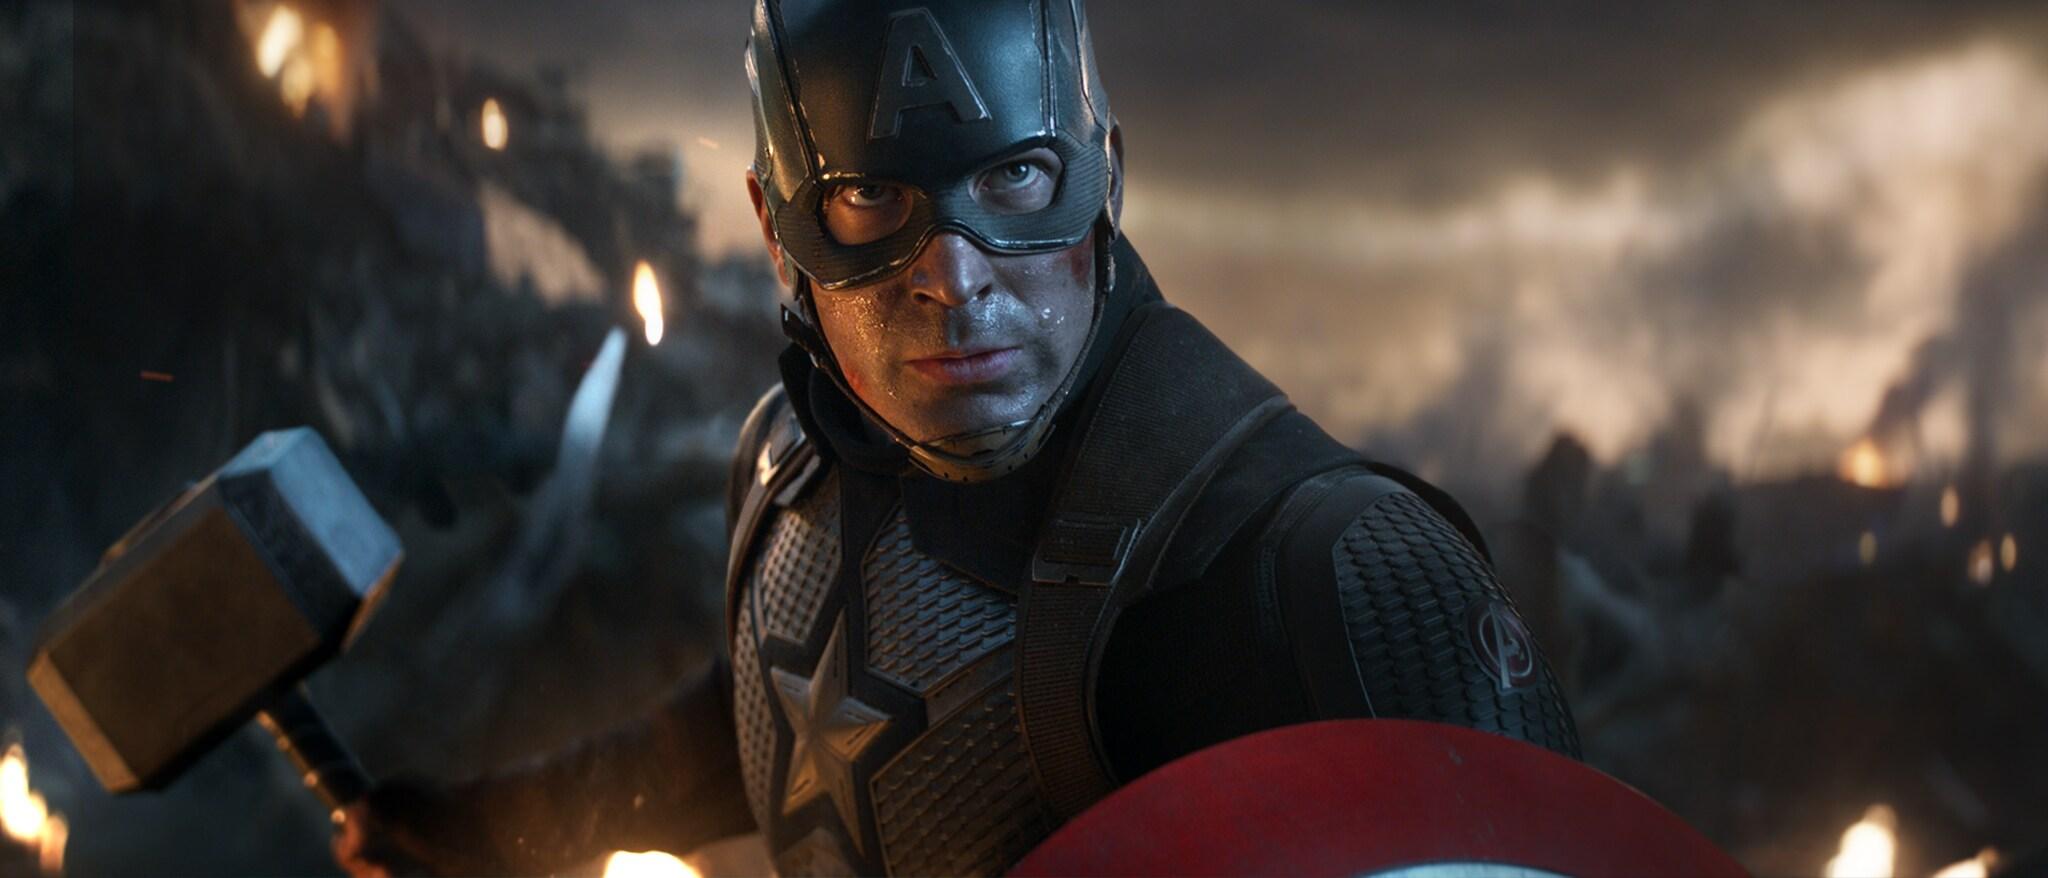 Avengers: Endgame Hero Home Ents